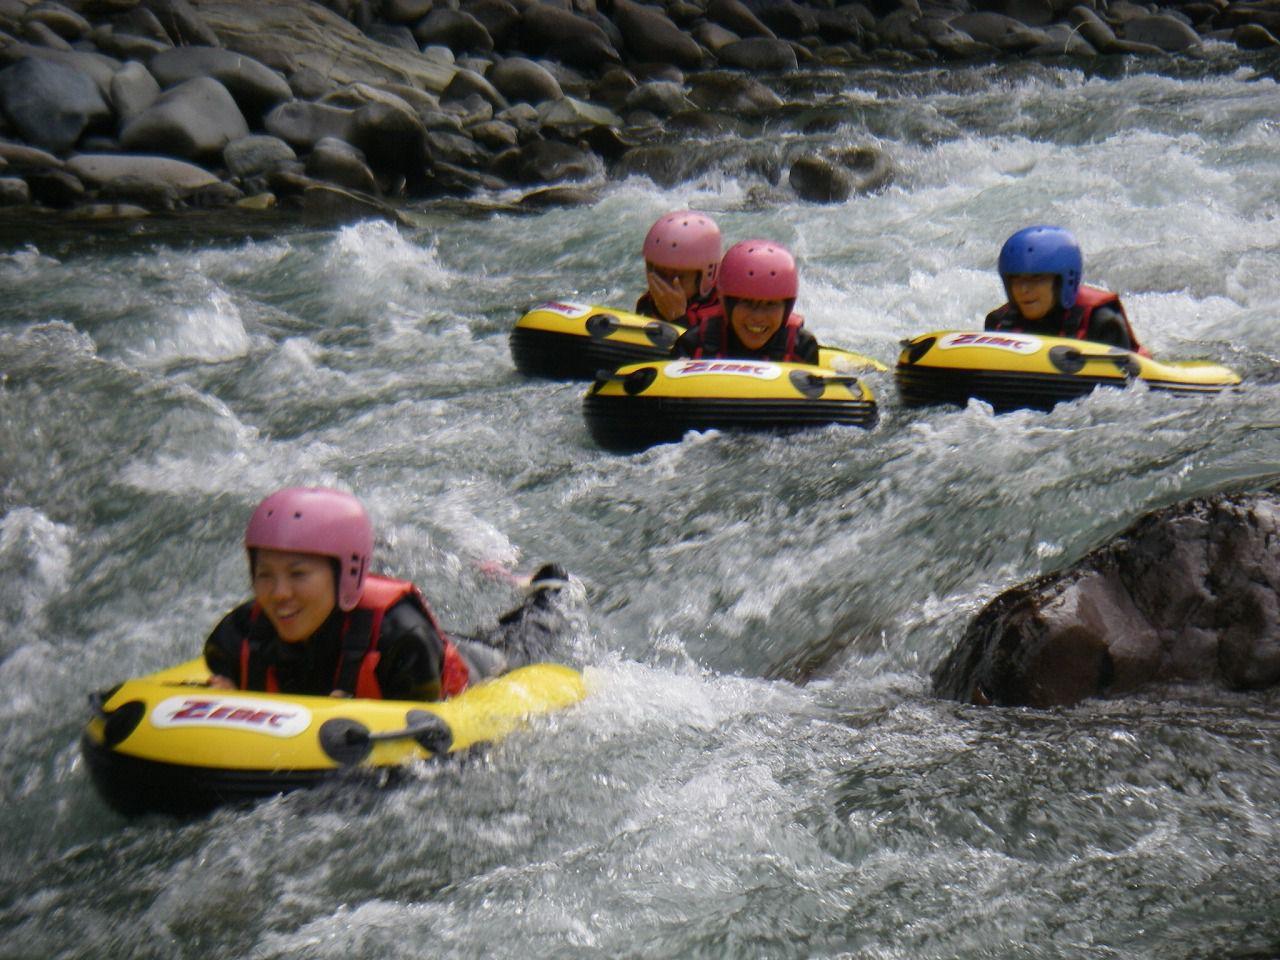 ハイドロスピード水上利根川激流コースハイドロスピードみなかみ 半日体験コース 午前の部